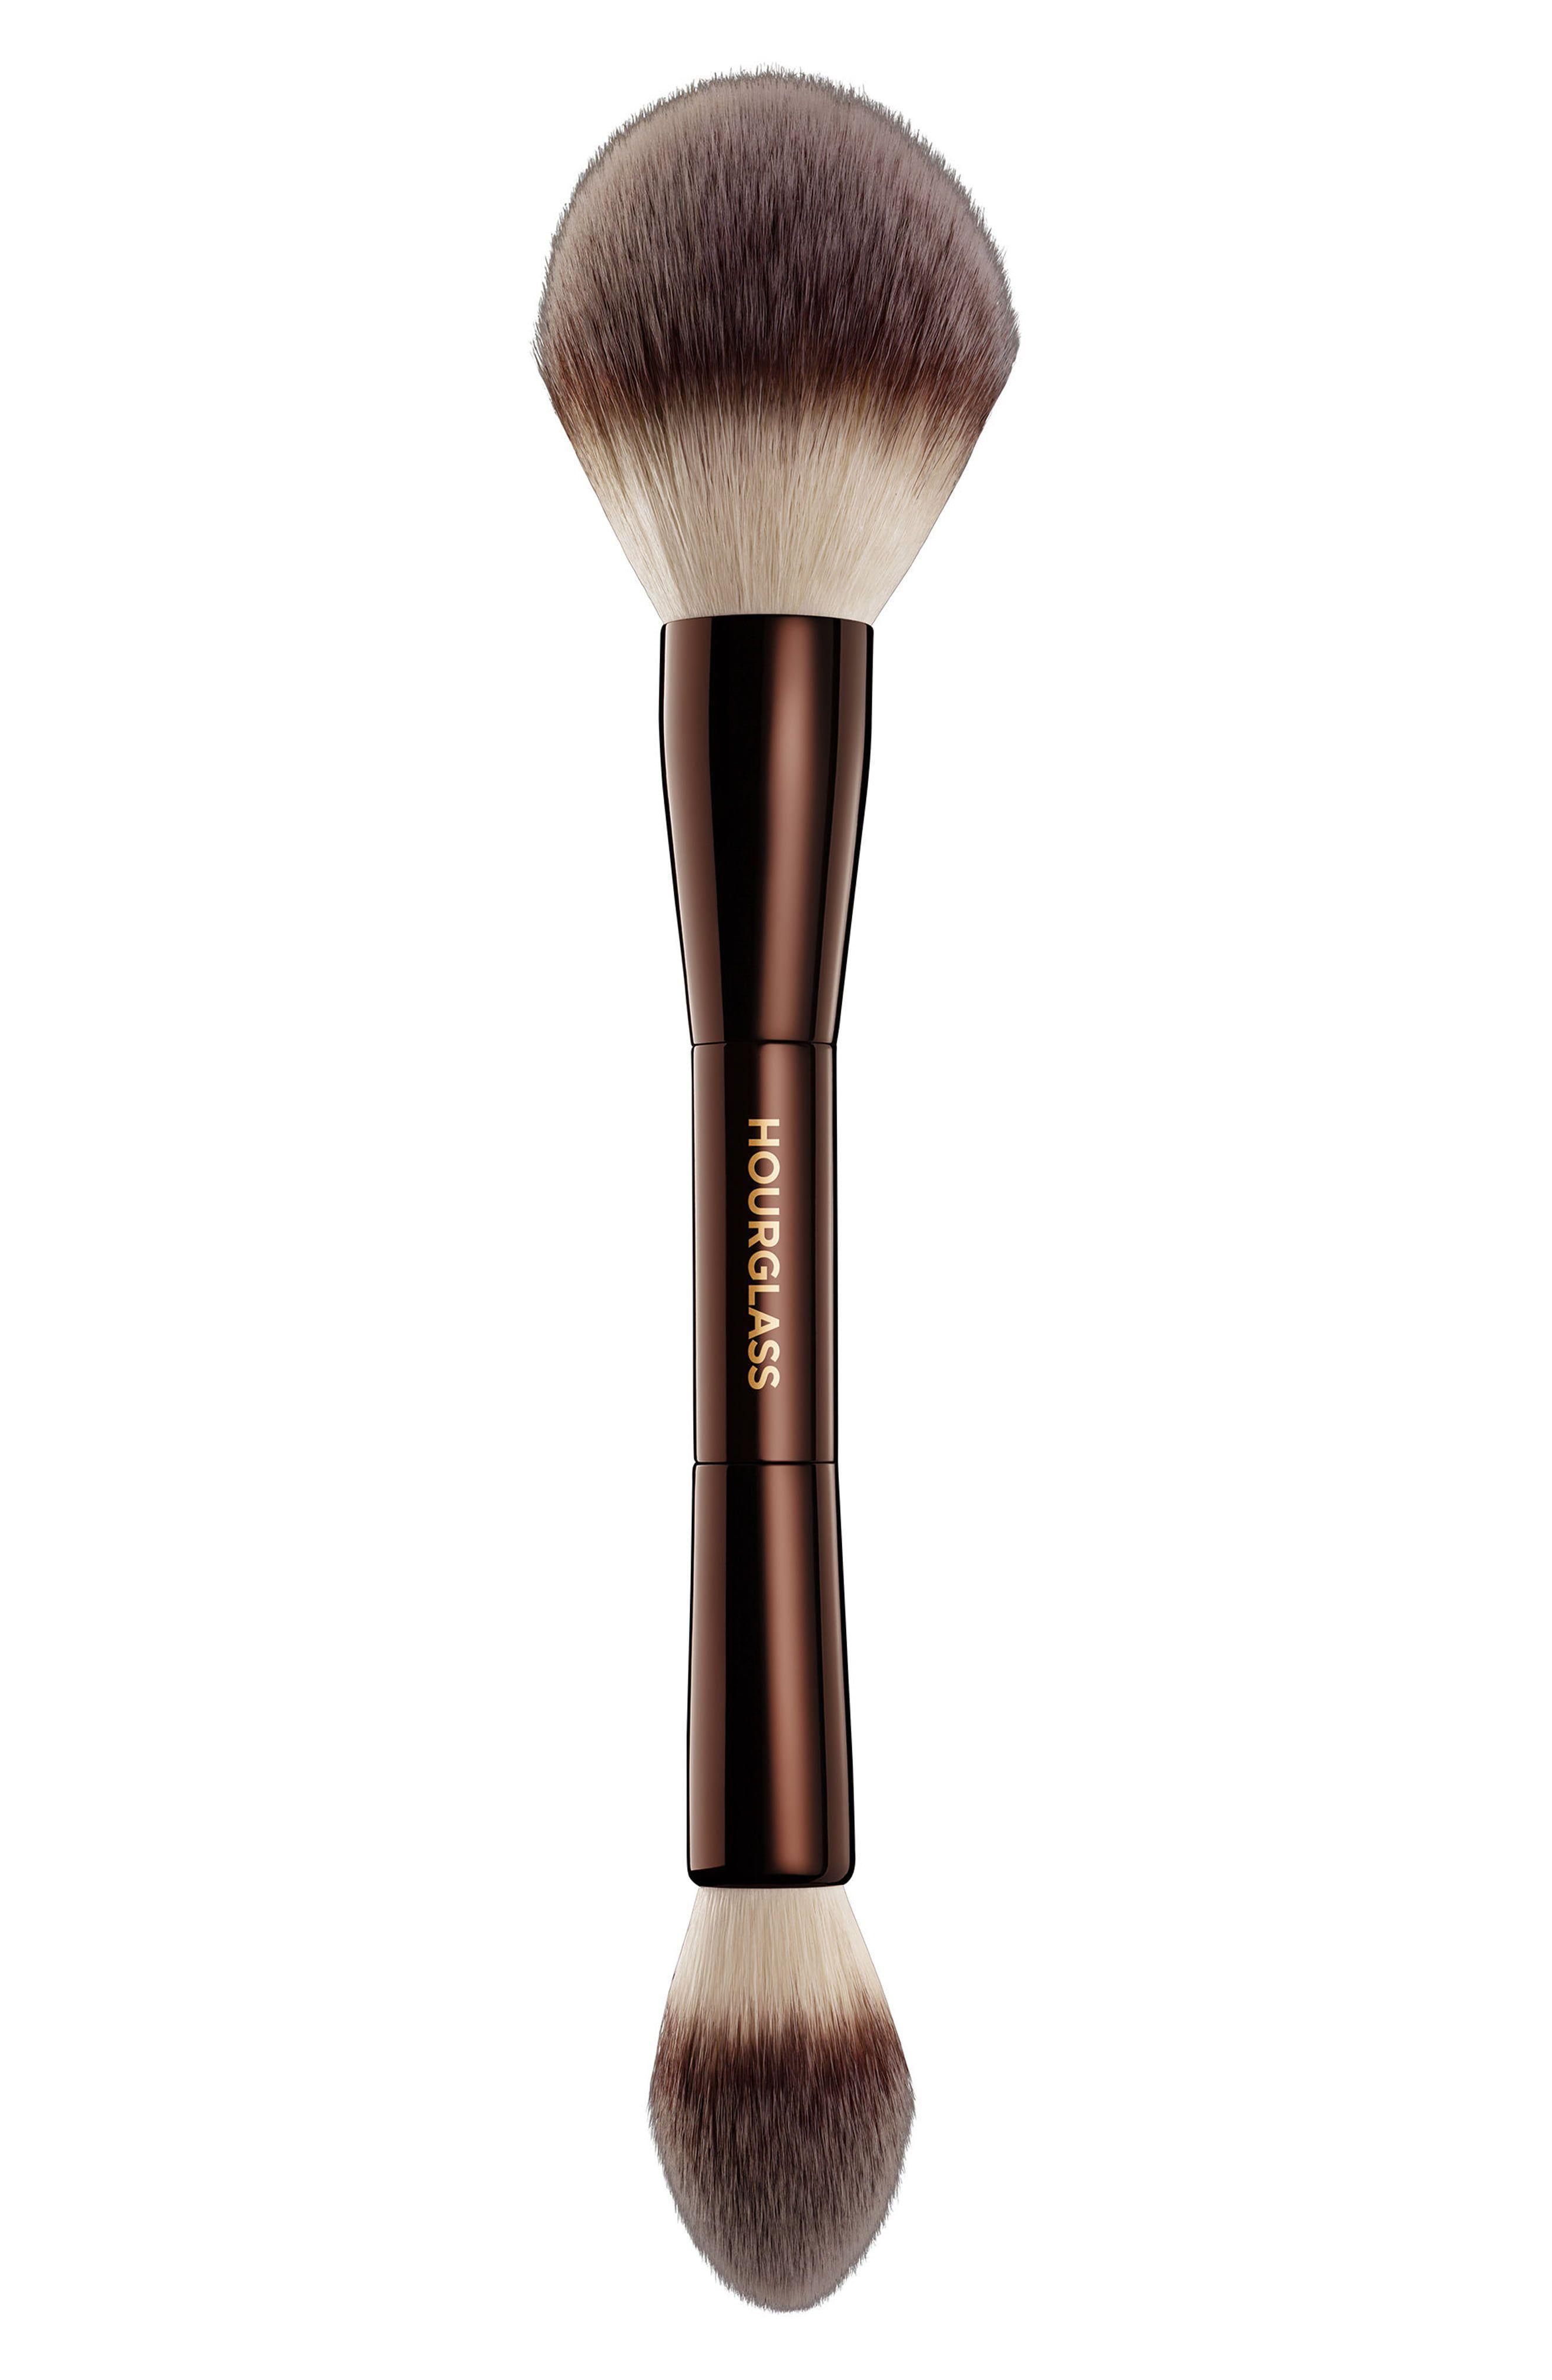 Makeup Brush Hourglass makeup, Powder brush, Makeup brushes